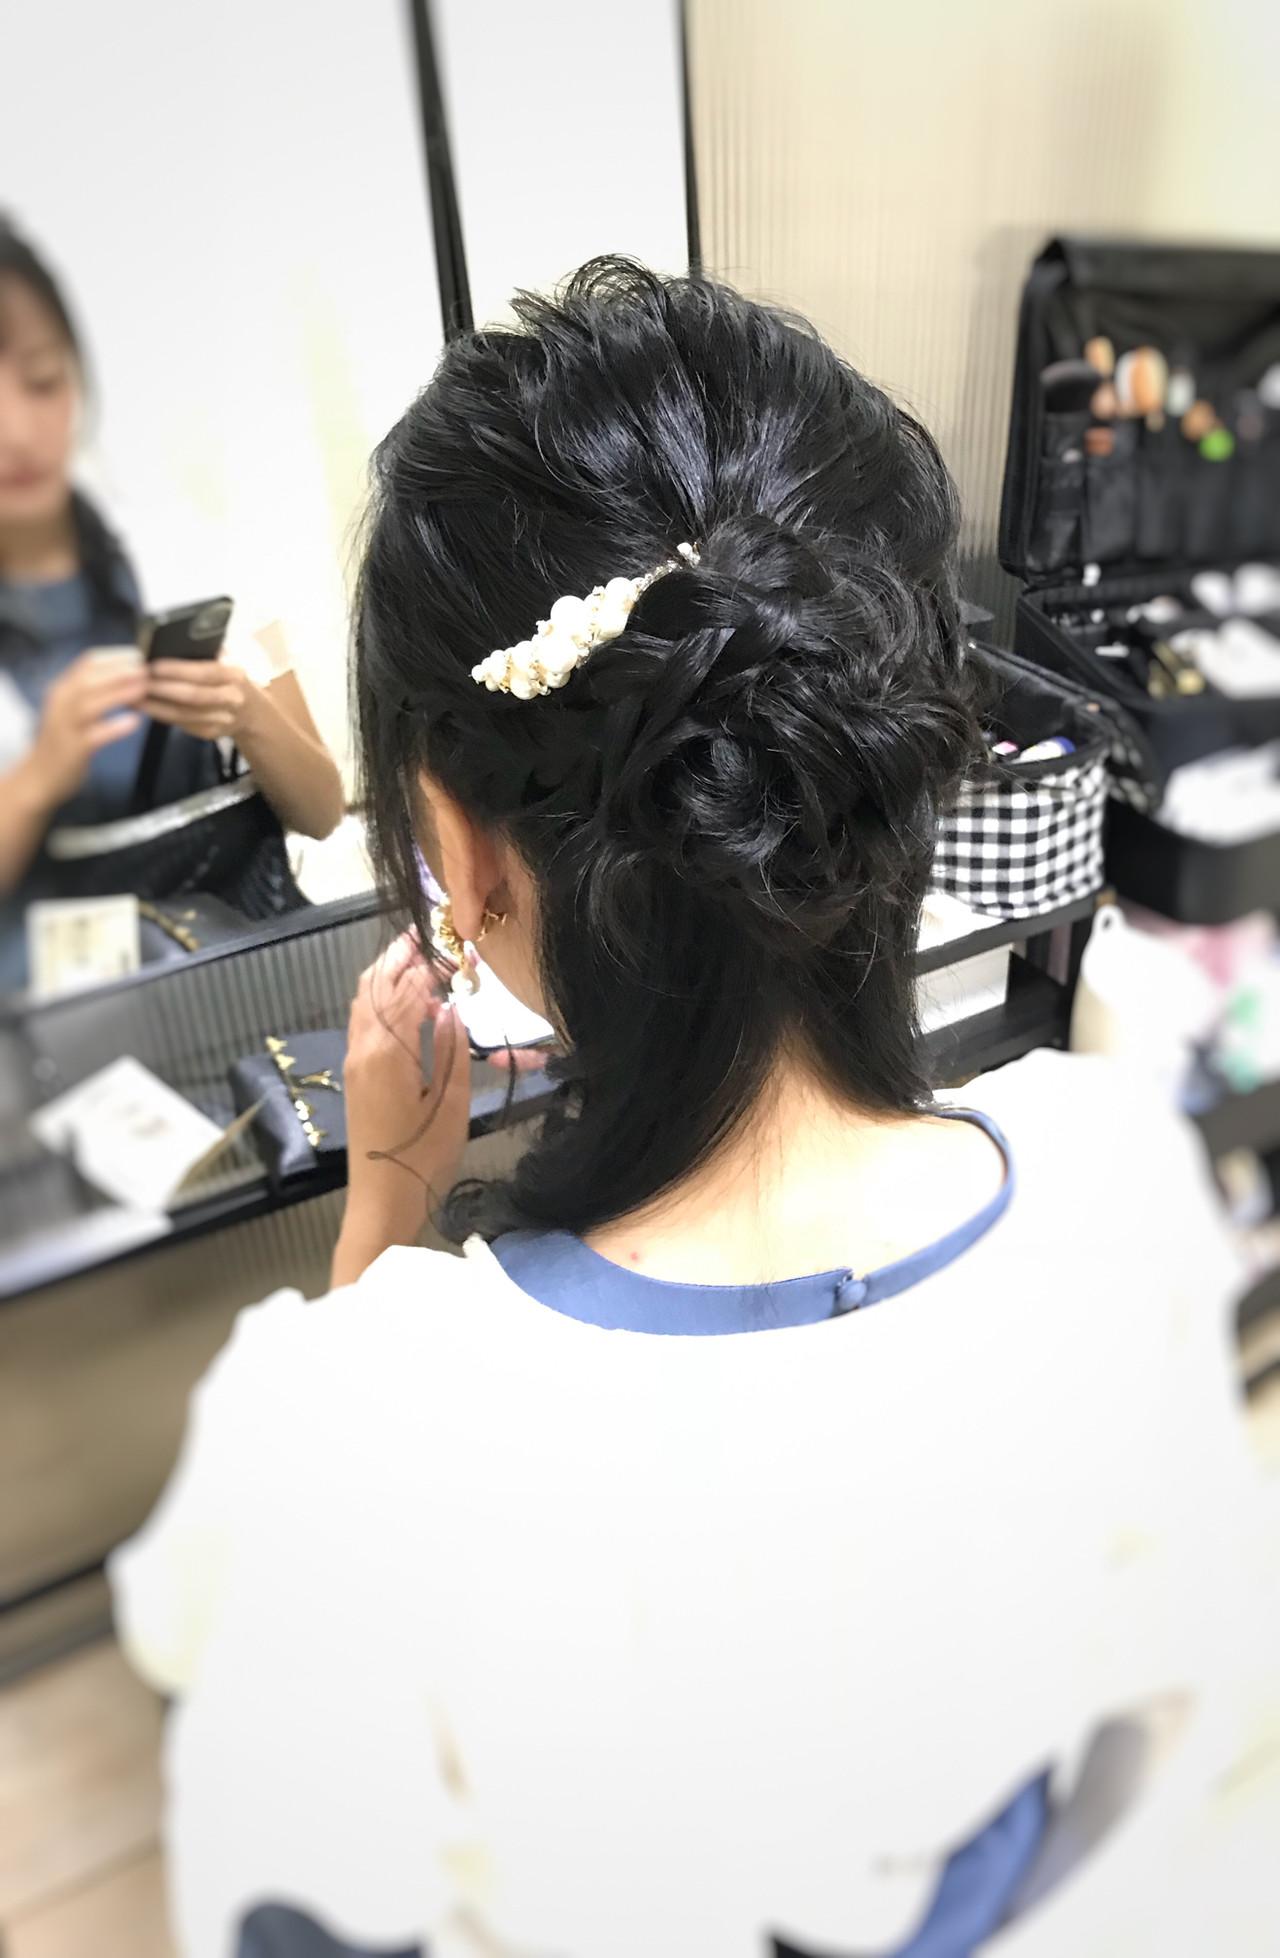 ヘアアレンジ 結婚式 セミロング 編み込みヘア ヘアスタイルや髪型の写真・画像